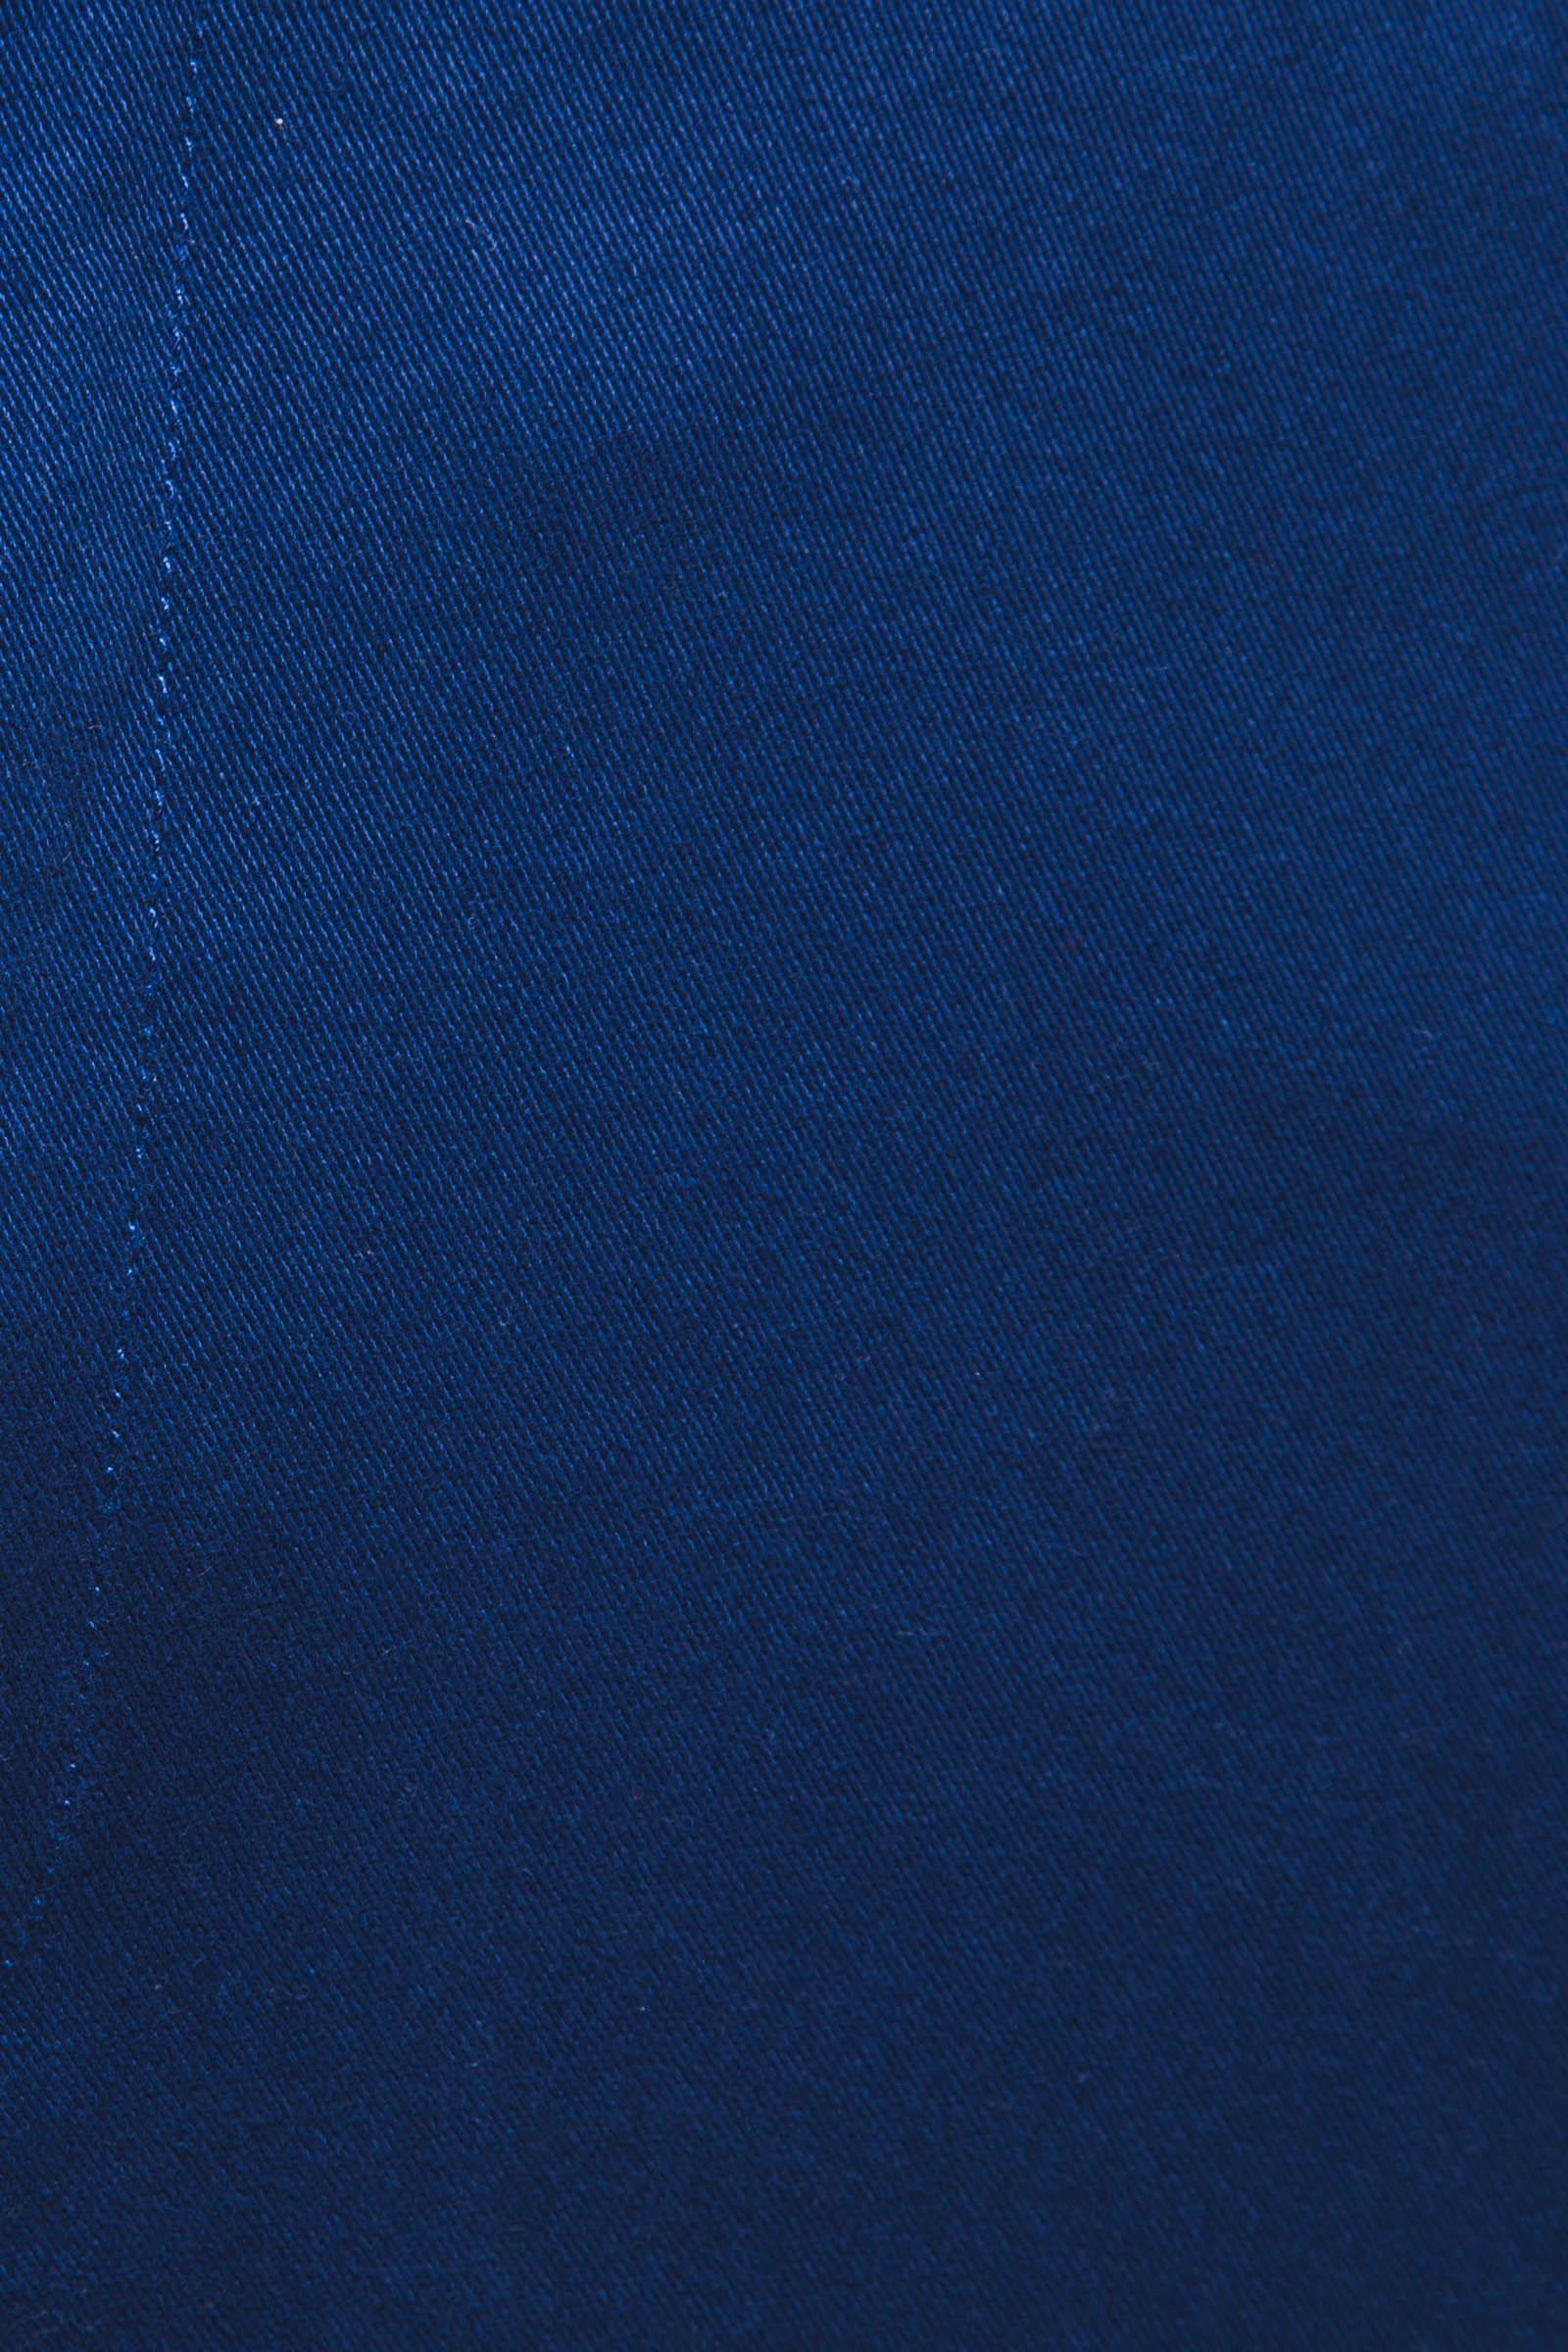 KOAJ-PANTALON KOAJ CHINO 2 SUPER SLIM 4/17